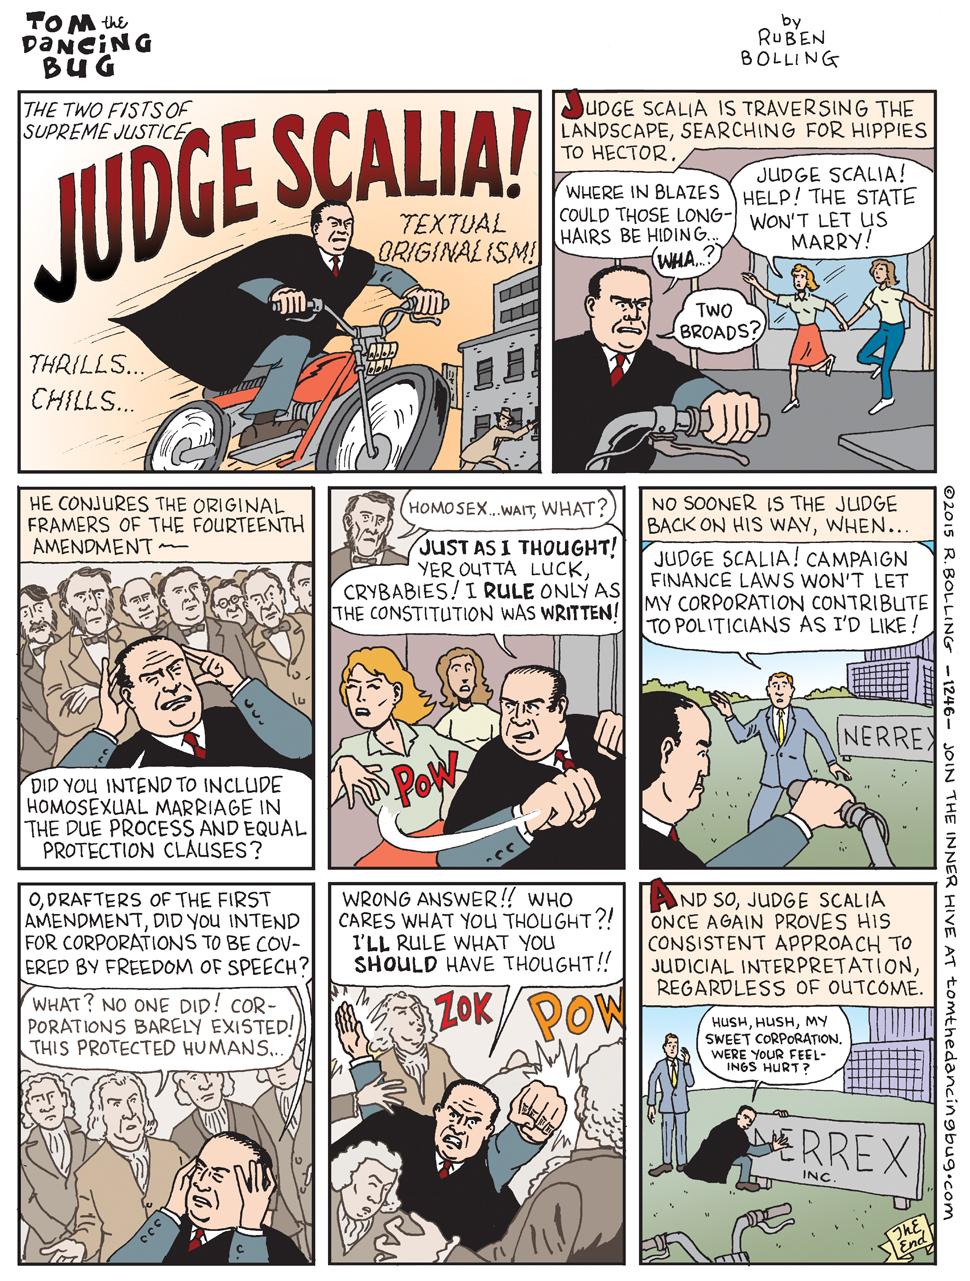 Judge Scalia!  Originalist!